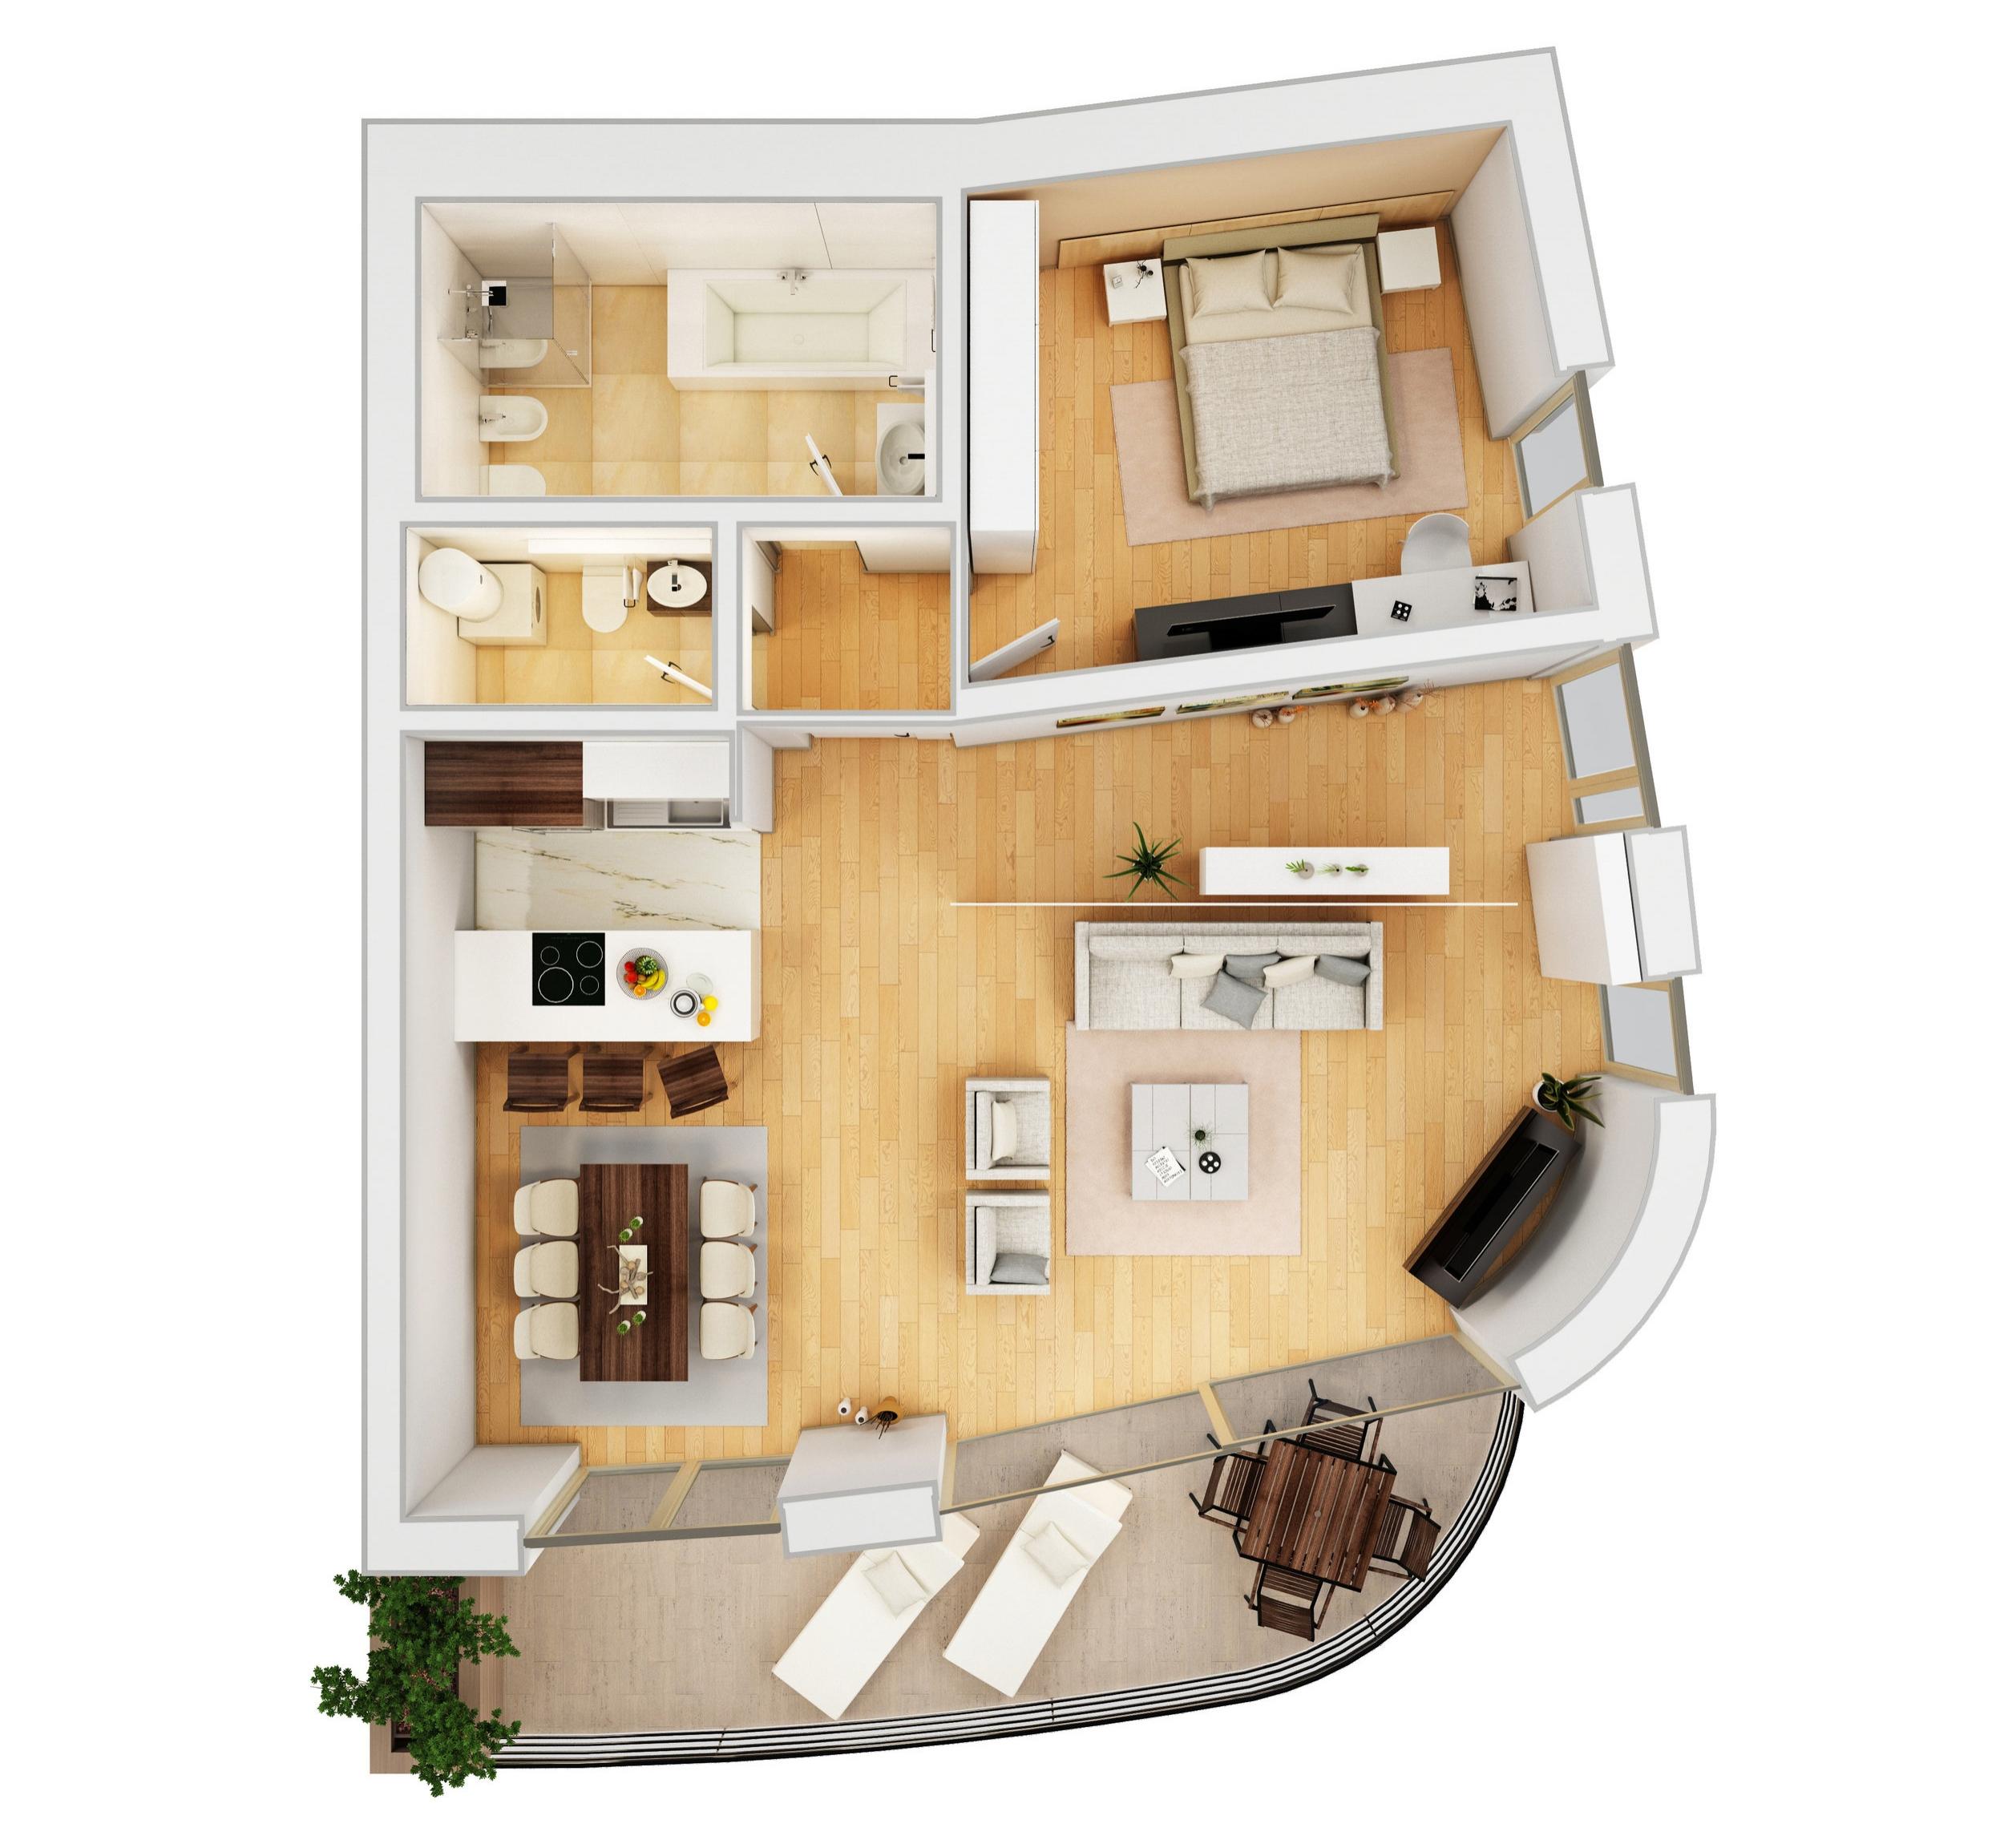 Общая площадь: 99м2,   Этаж: 1, Спальни: 1, Терраса: 18м2